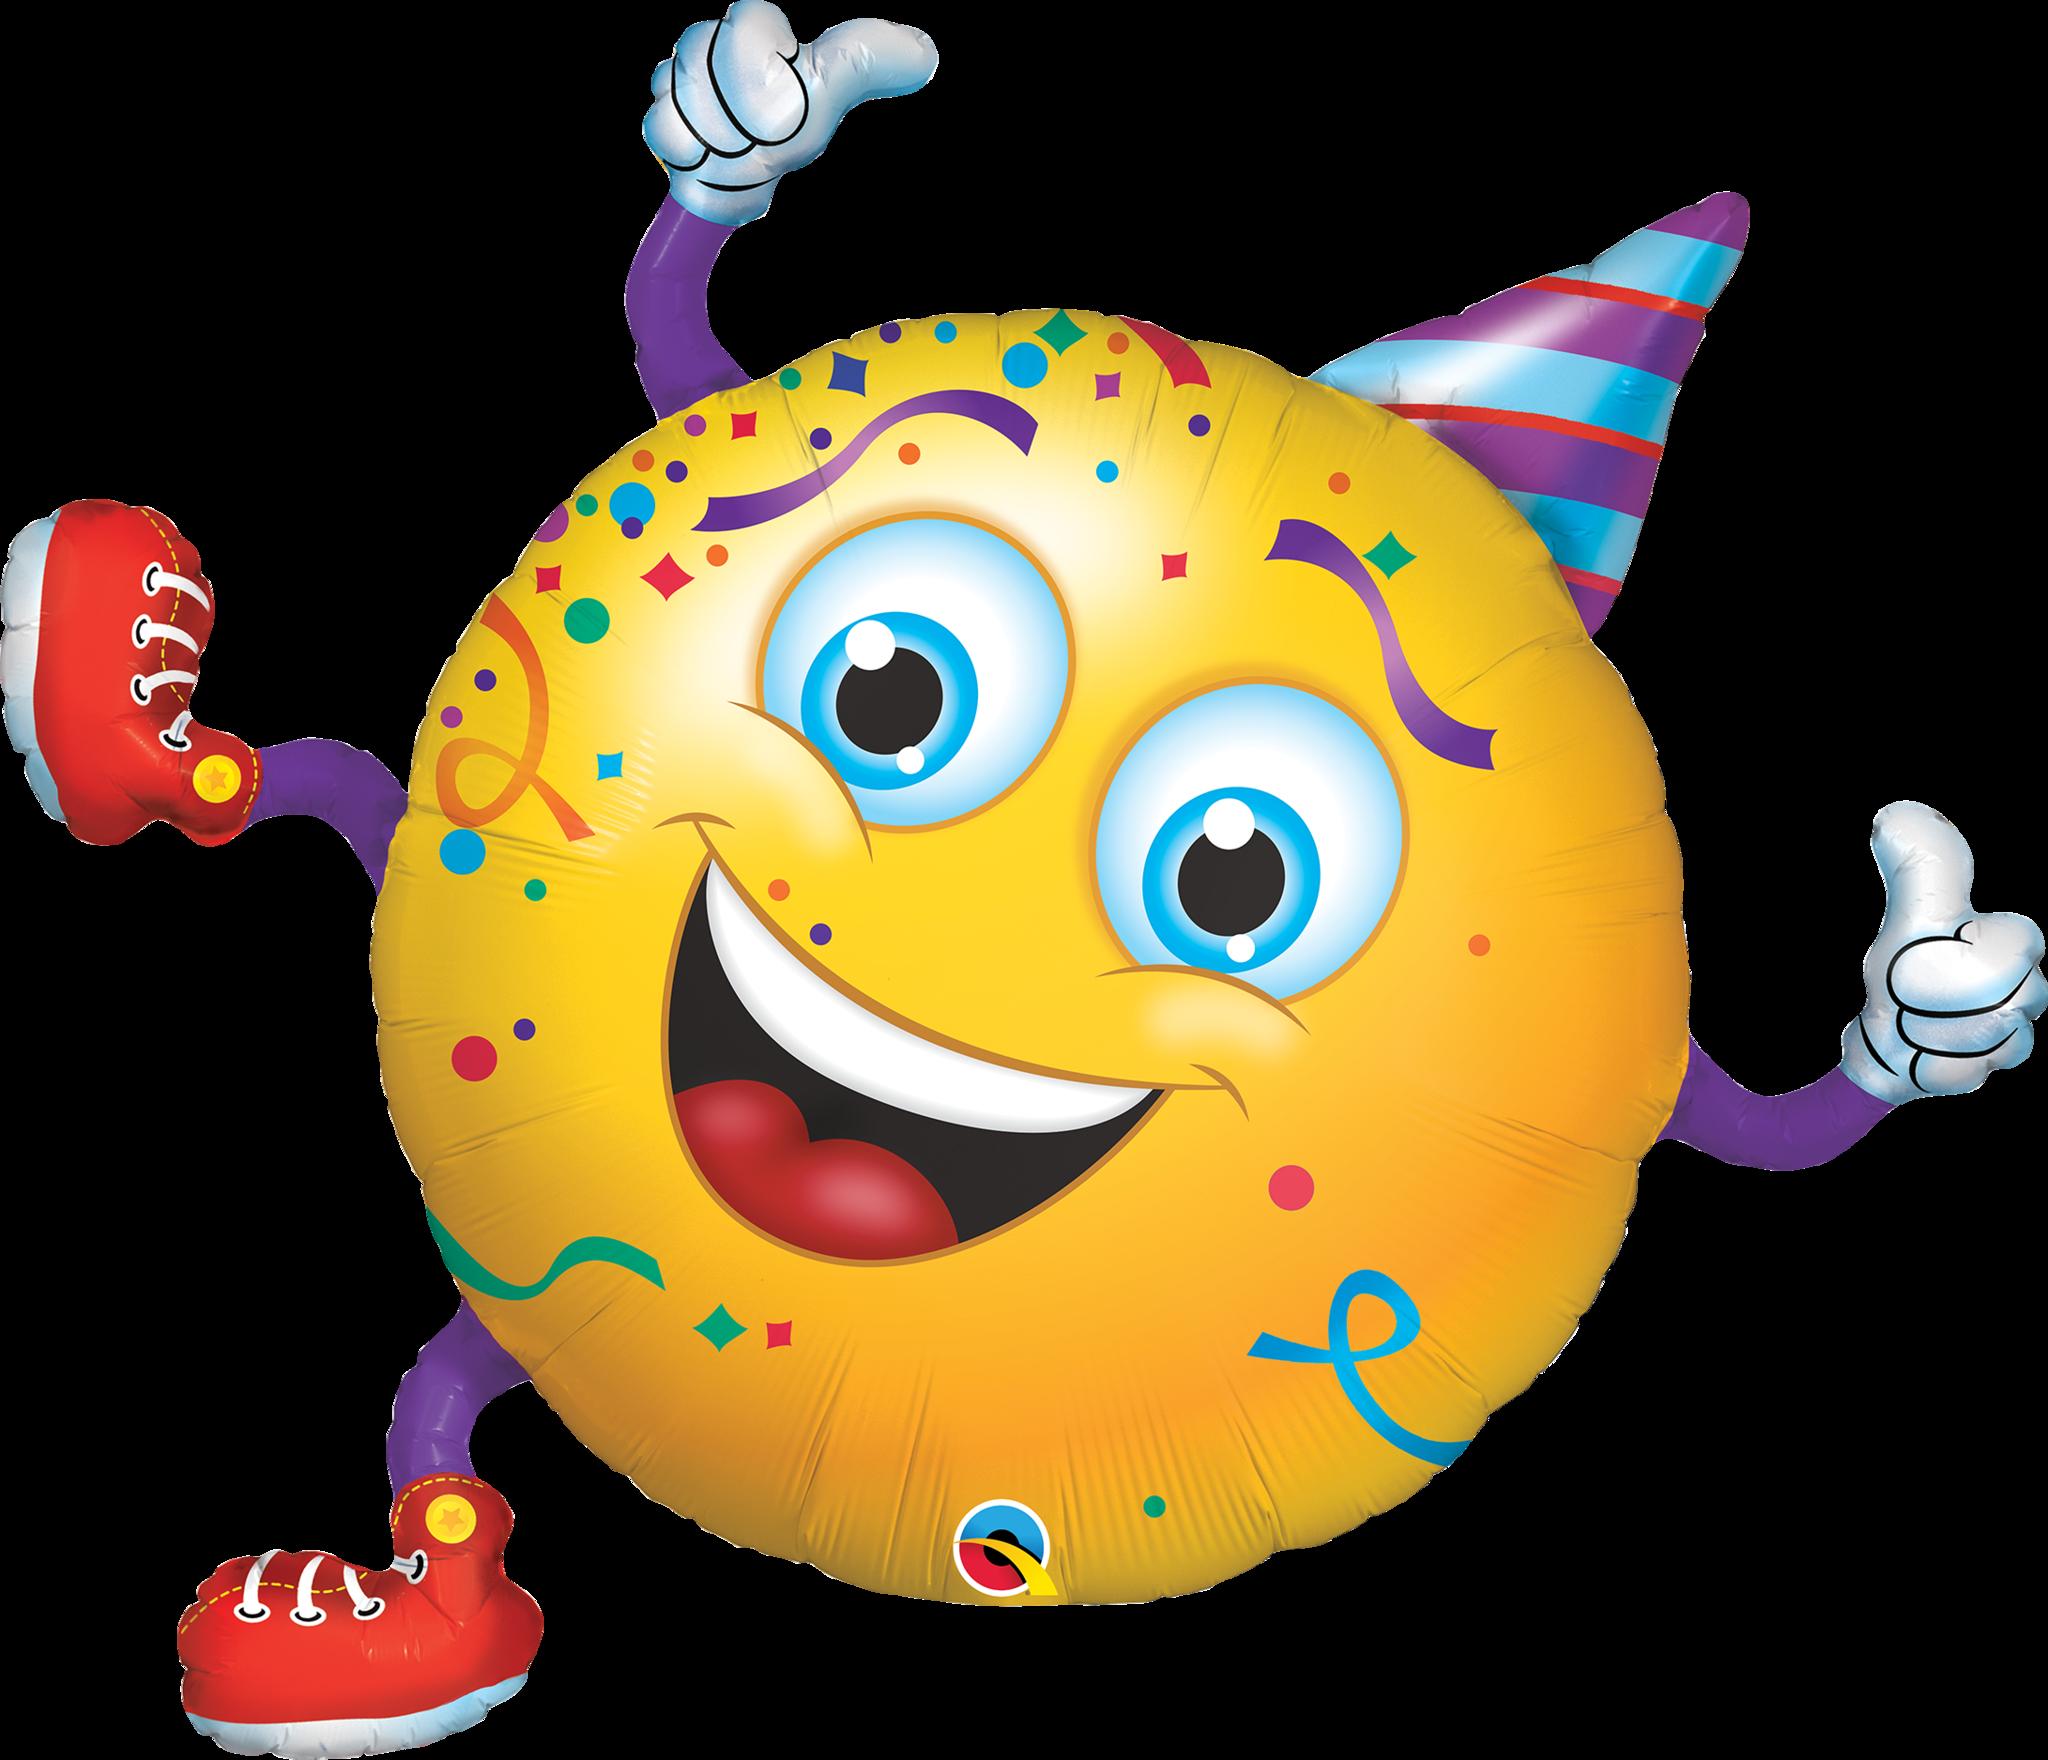 День рождения смайлика картинки для детей